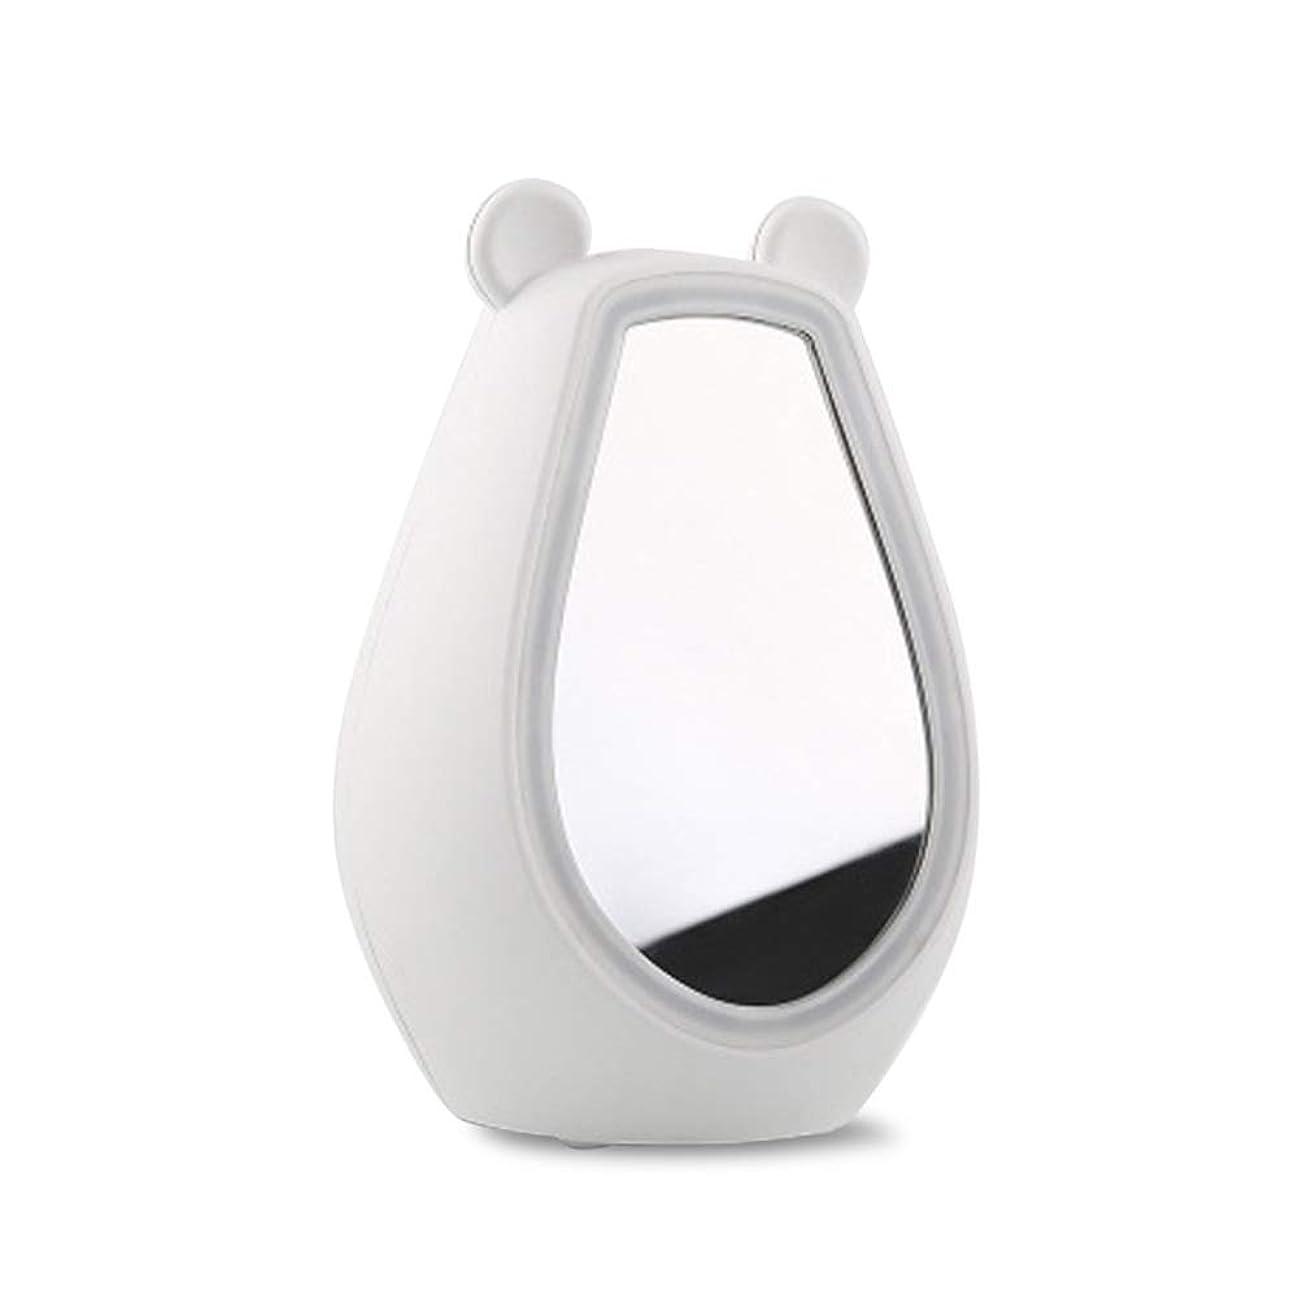 とても多くの子羊有用ライトタッチスイッチ付きスクエアデスクトップミラー化粧鏡付きクリエイティブLed化粧鏡ライト美容ミラー (Color : White)